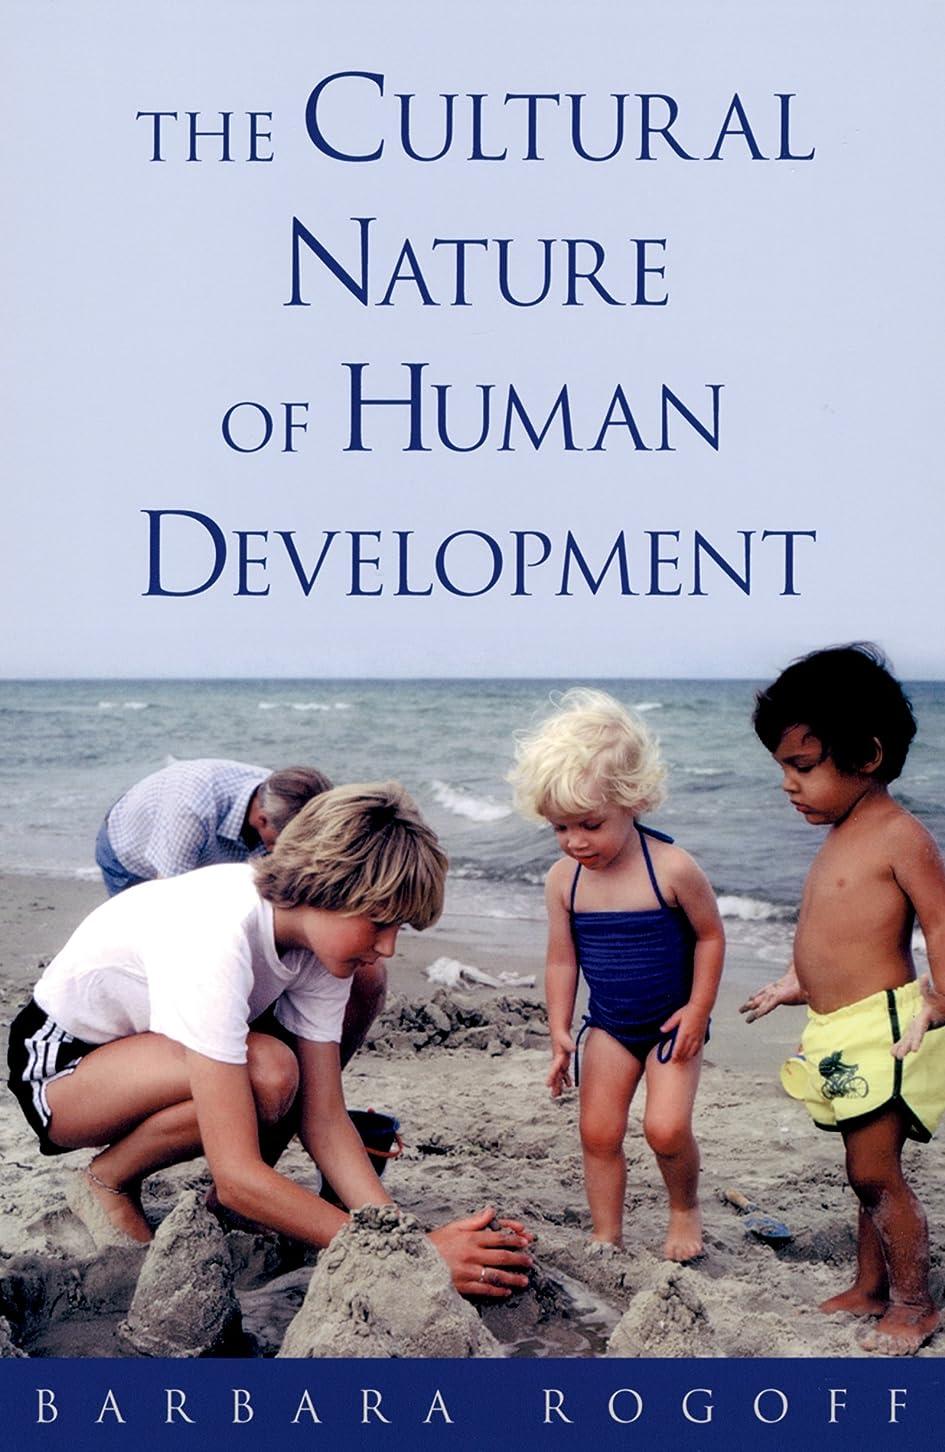 参照クライマックス主張するThe Cultural Nature of Human Development (English Edition)